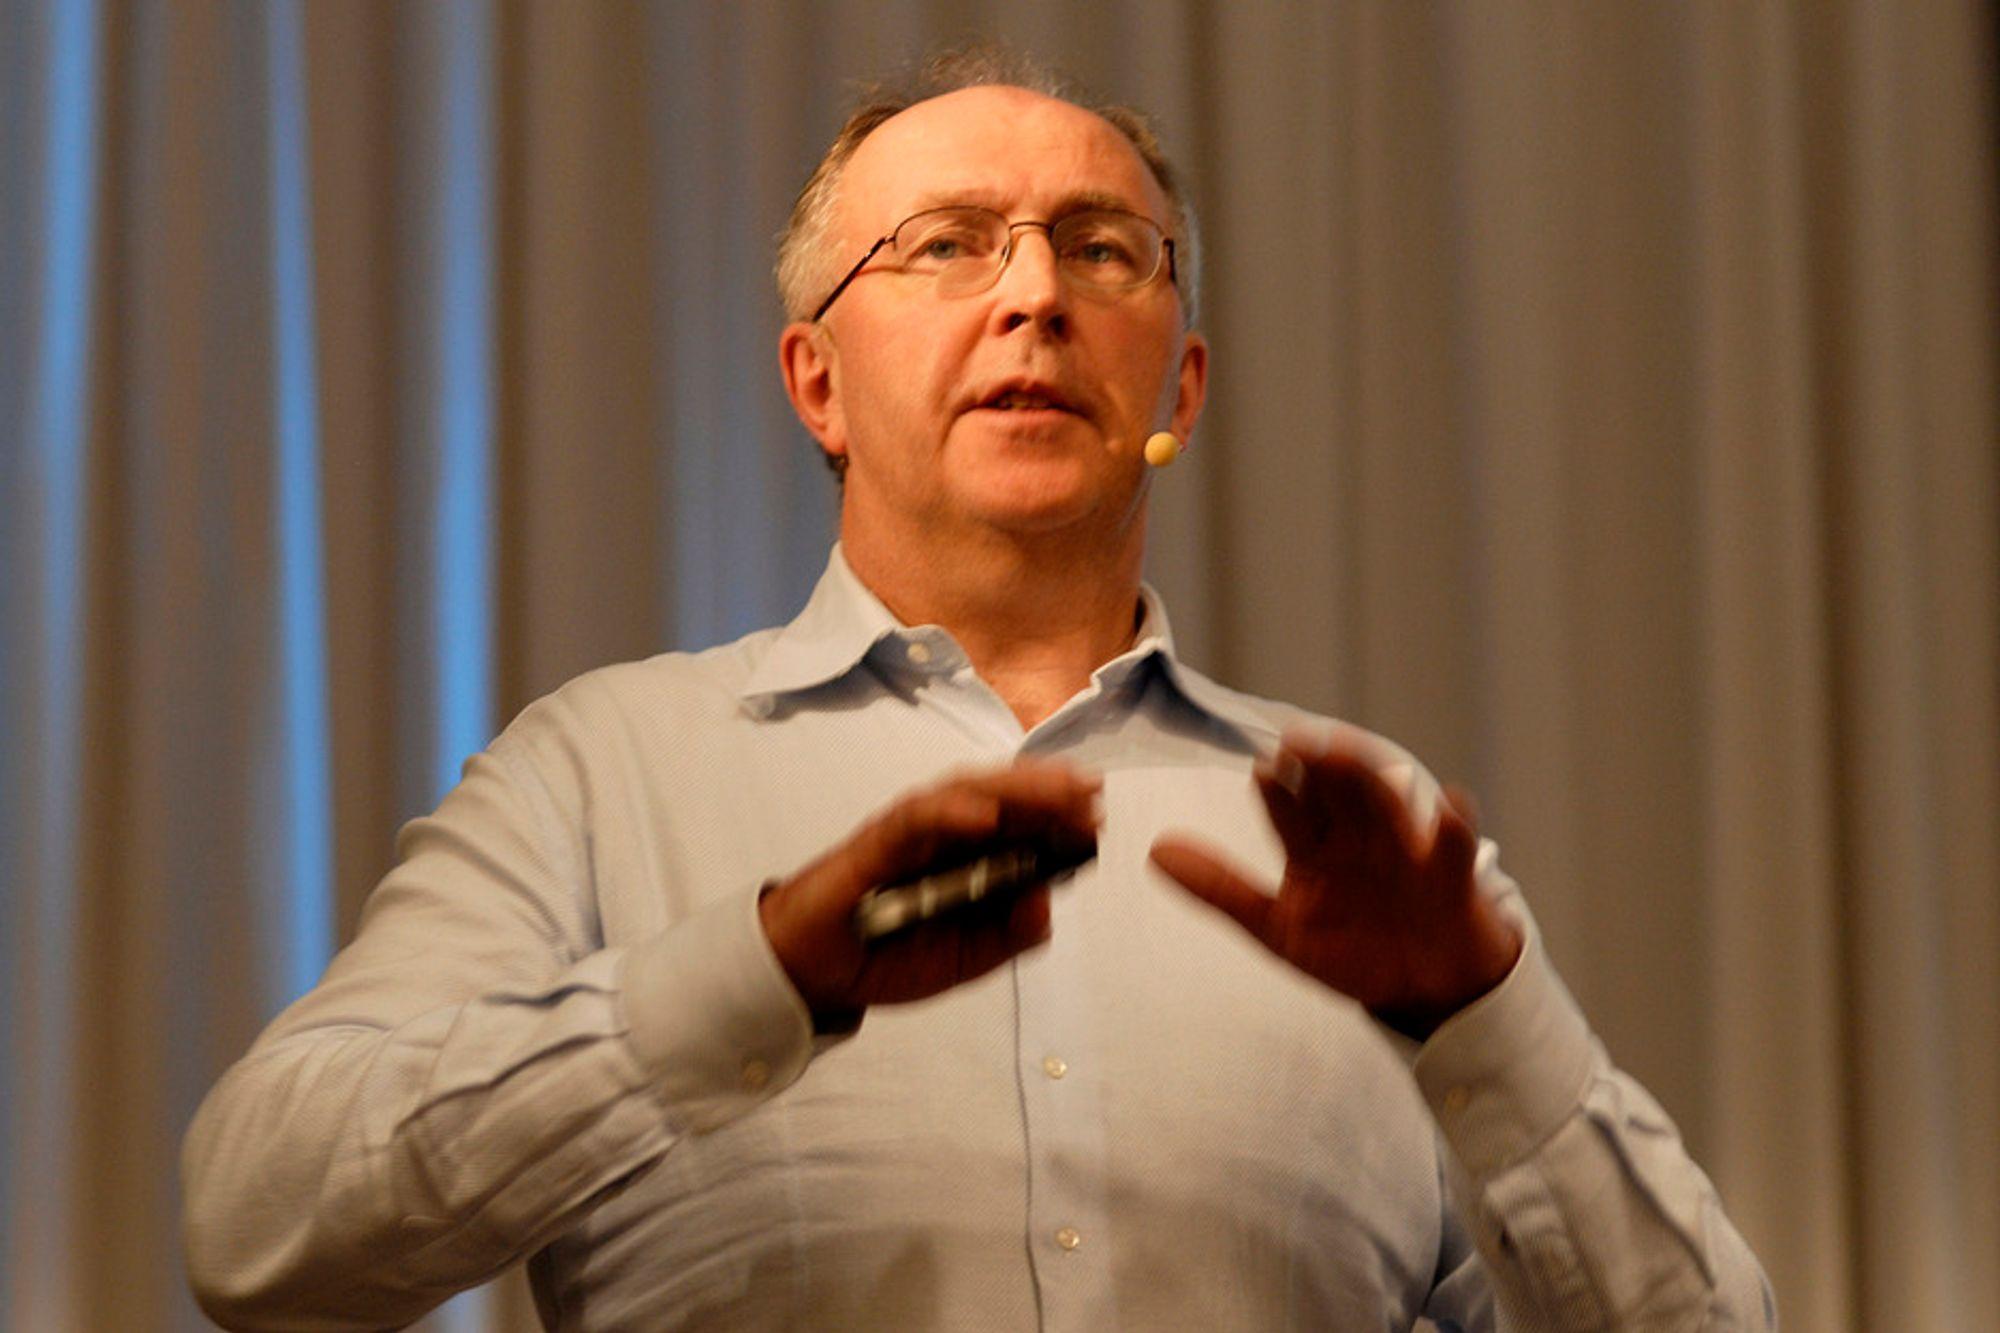 ØKTE UTSLIPP: På kort sikt øker  CO2-utslippene når det bygges utenlandskabler, sier Hydros energidirektør Arvid Moss.